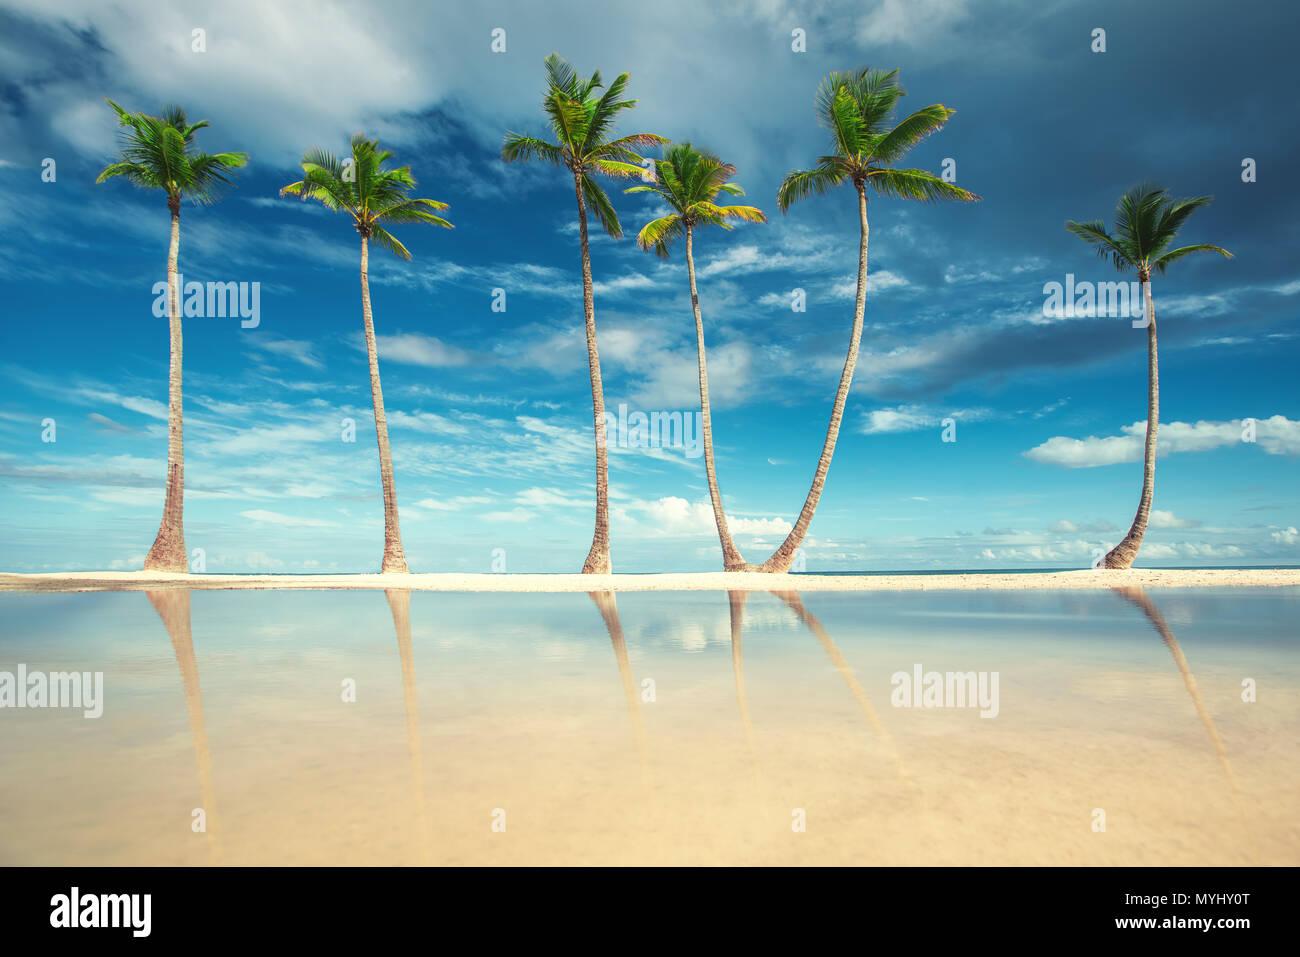 Des cocotiers sur la plage de sable blanc de Punta Cana, République dominicaine. Photo Stock